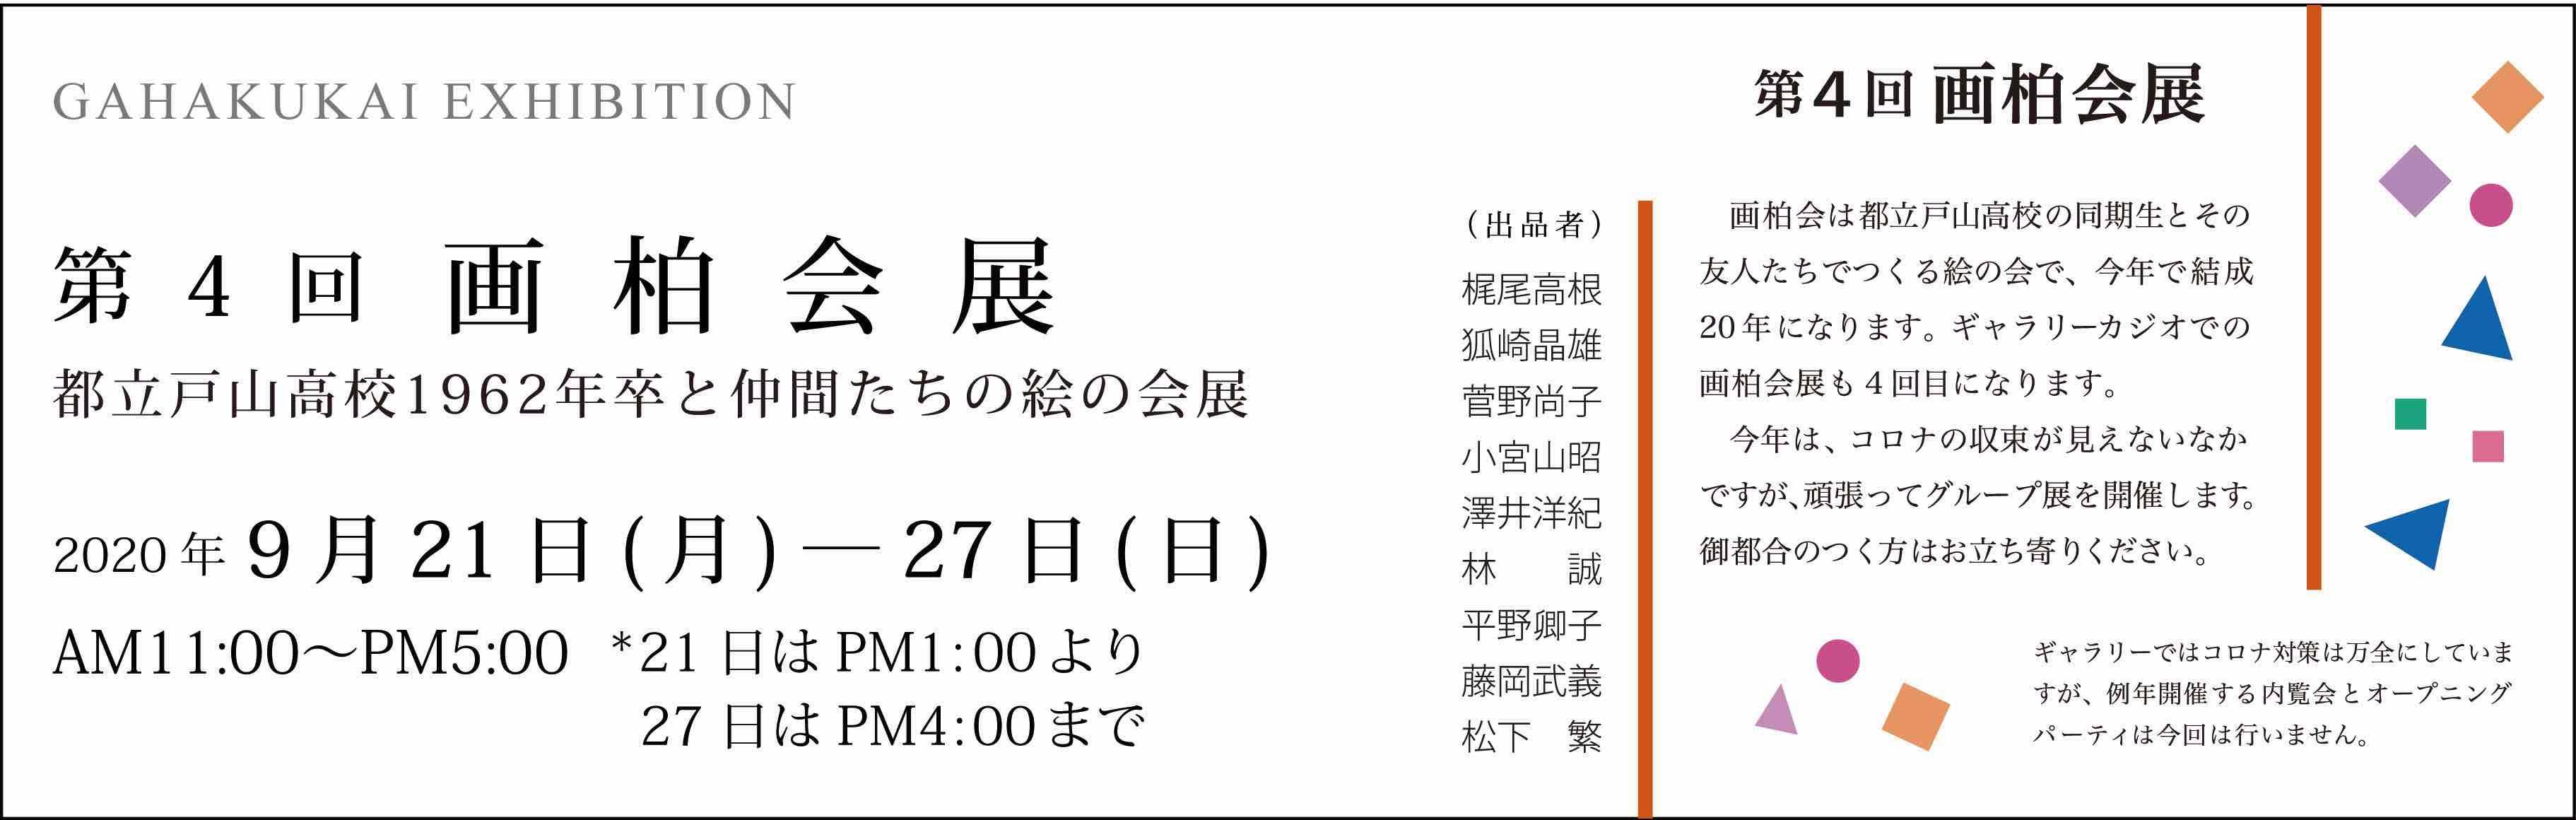 gahaku_2020-09